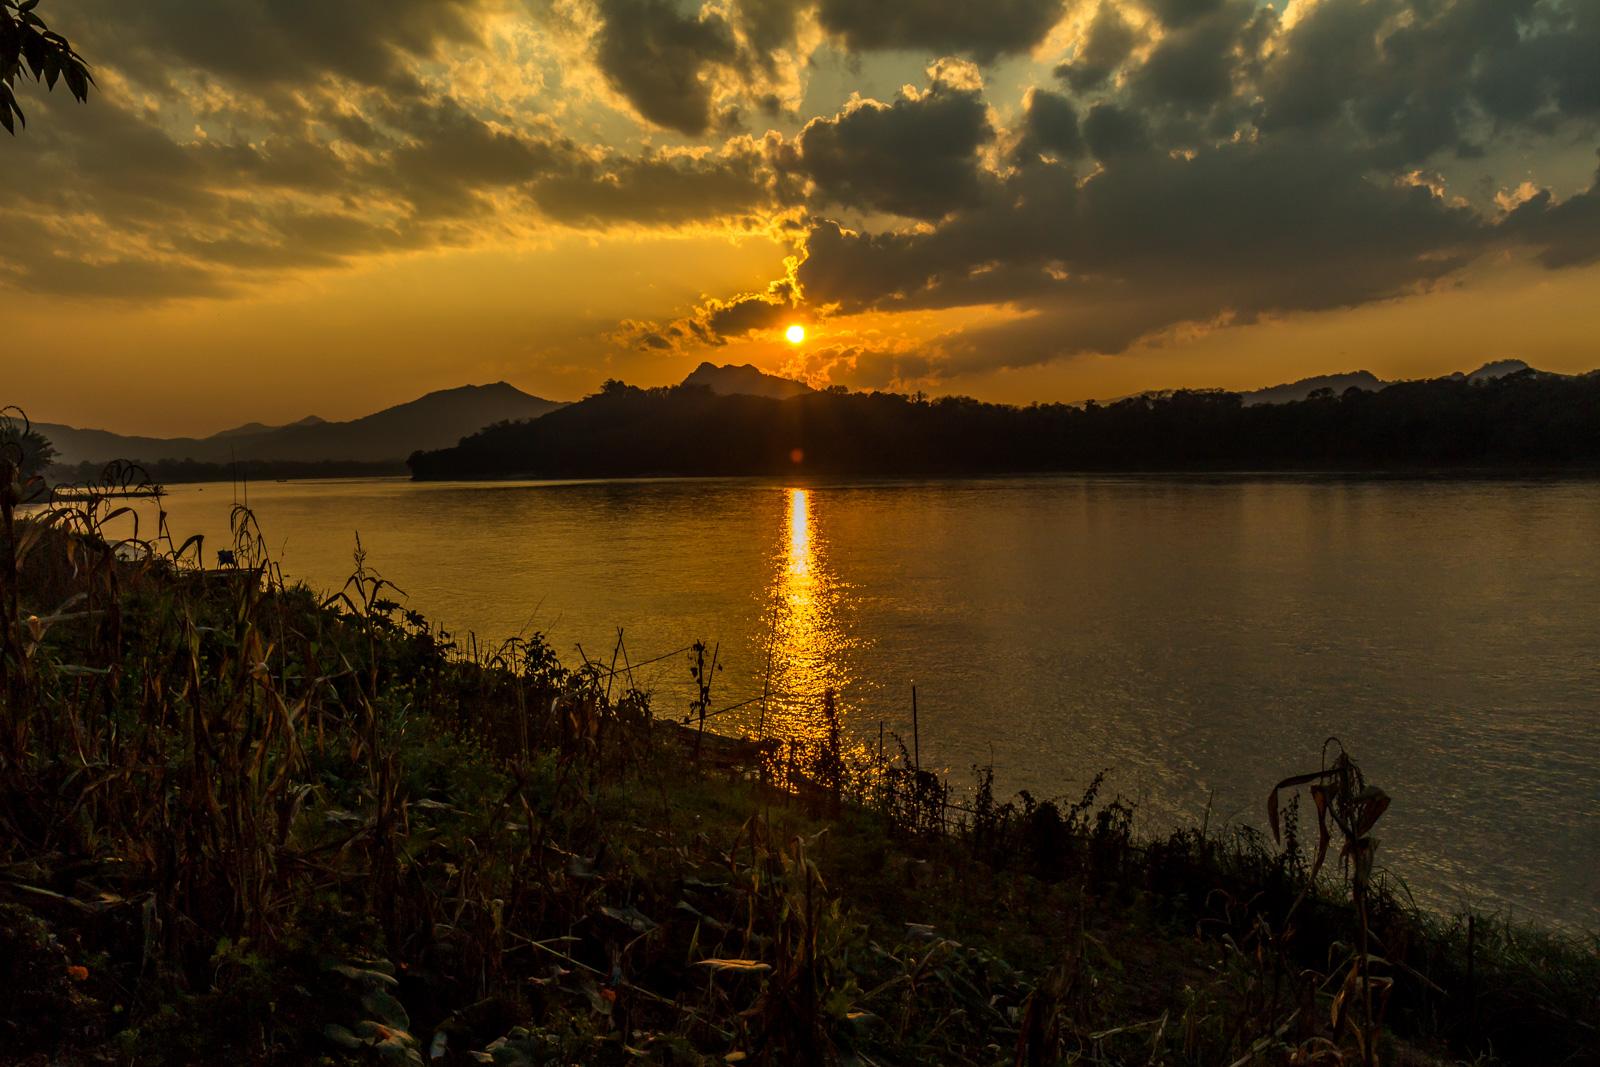 Sunset on the Mekong.